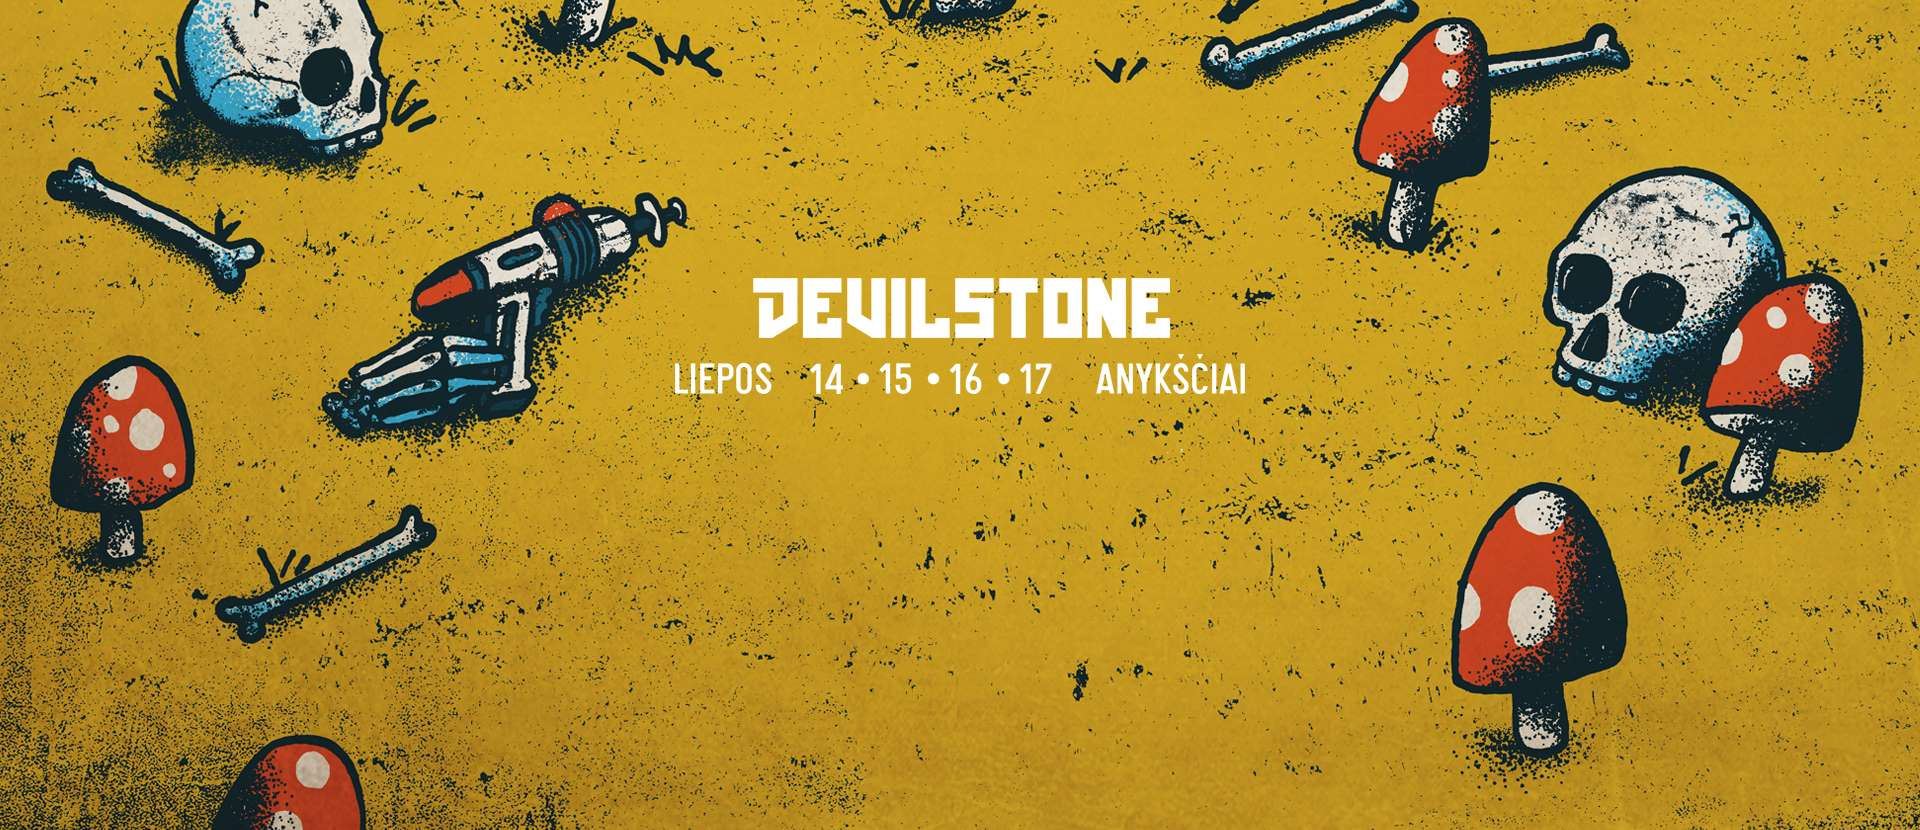 Velnio Akmuo / Devilstone 2016